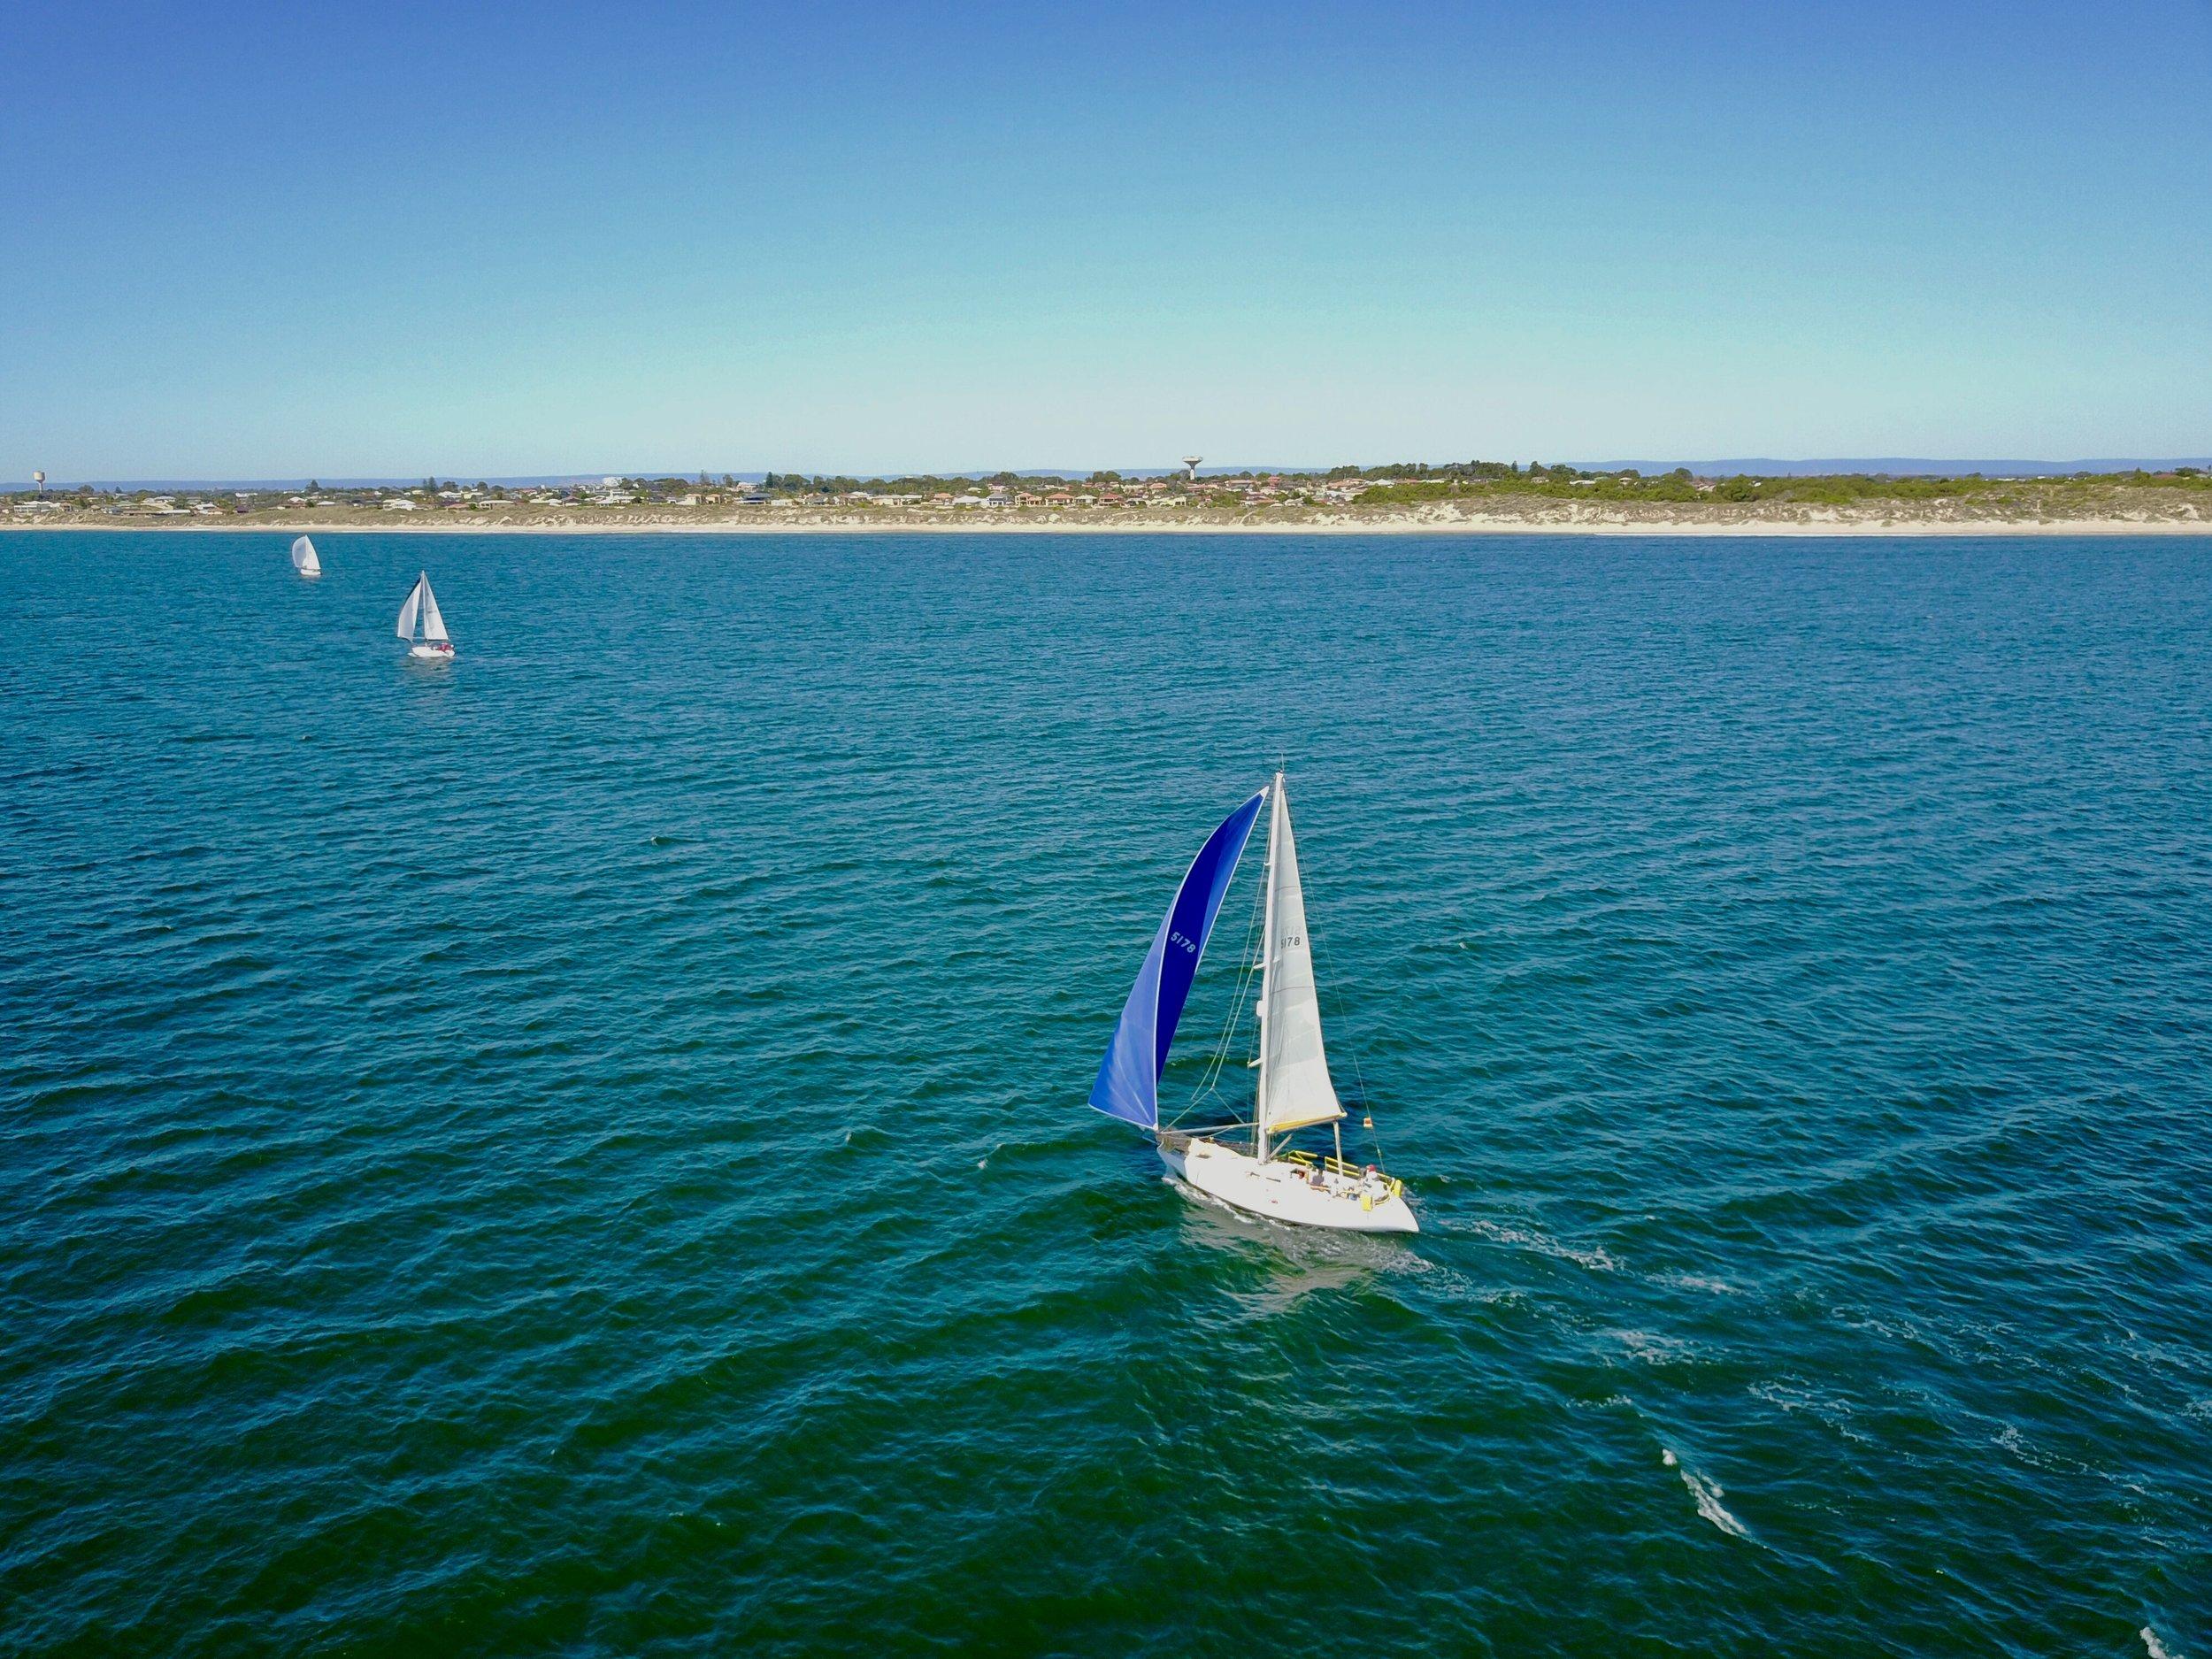 Avalon-sails-offshore-sailing-mandurah